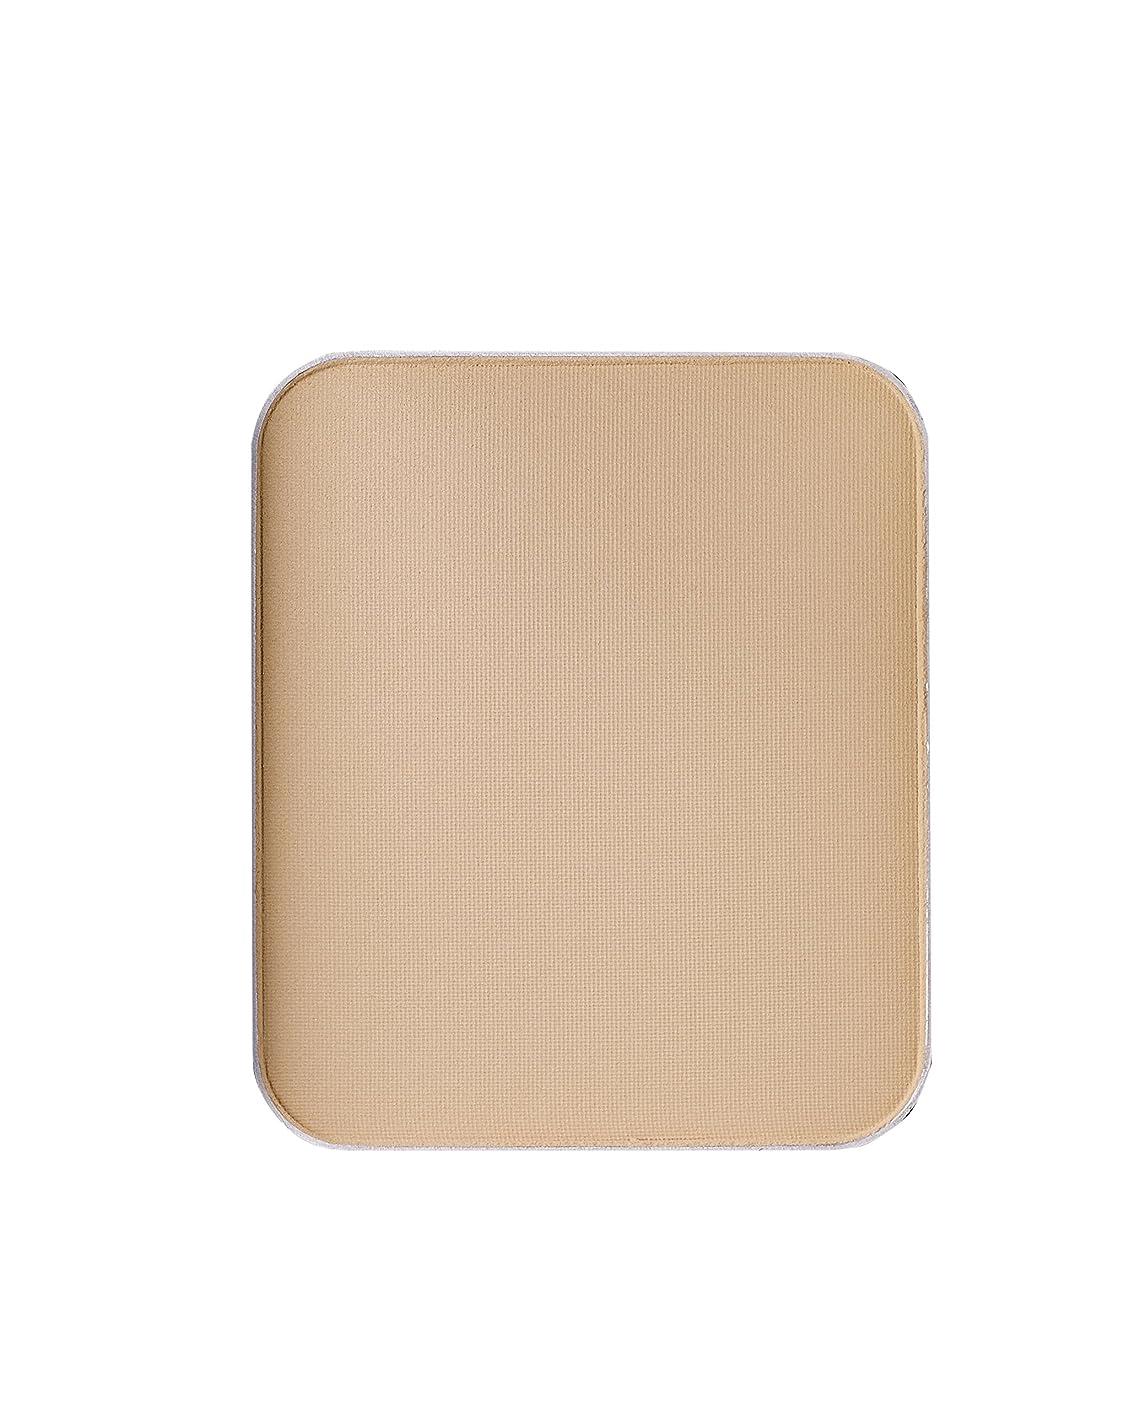 プロジェクター特異な質量ナチュラグラッセ クリアパウダー ファンデーション PB2 (ピンクみのある自然な肌色) レフィル 11g SPF40 PA++++ 詰め替え用